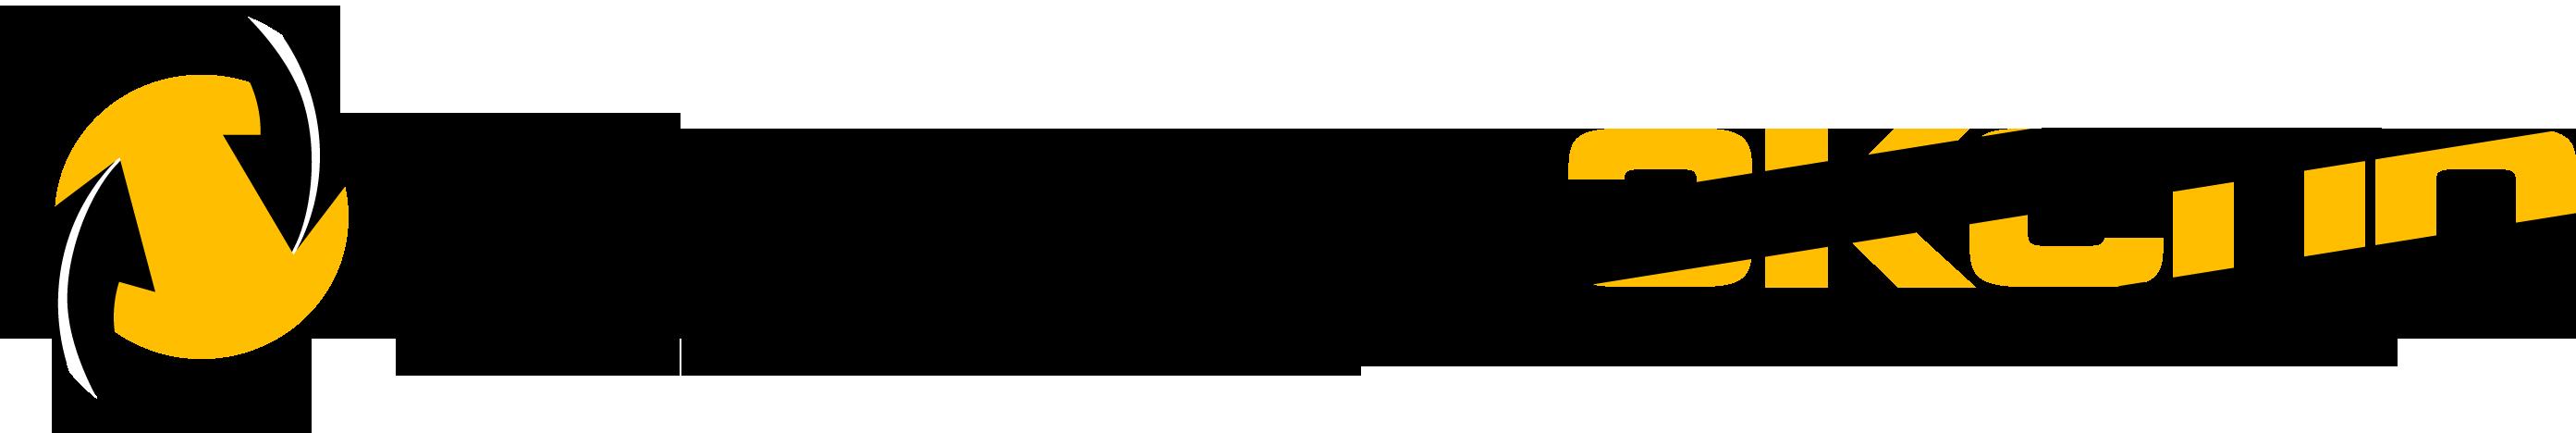 road_rus_logo.png